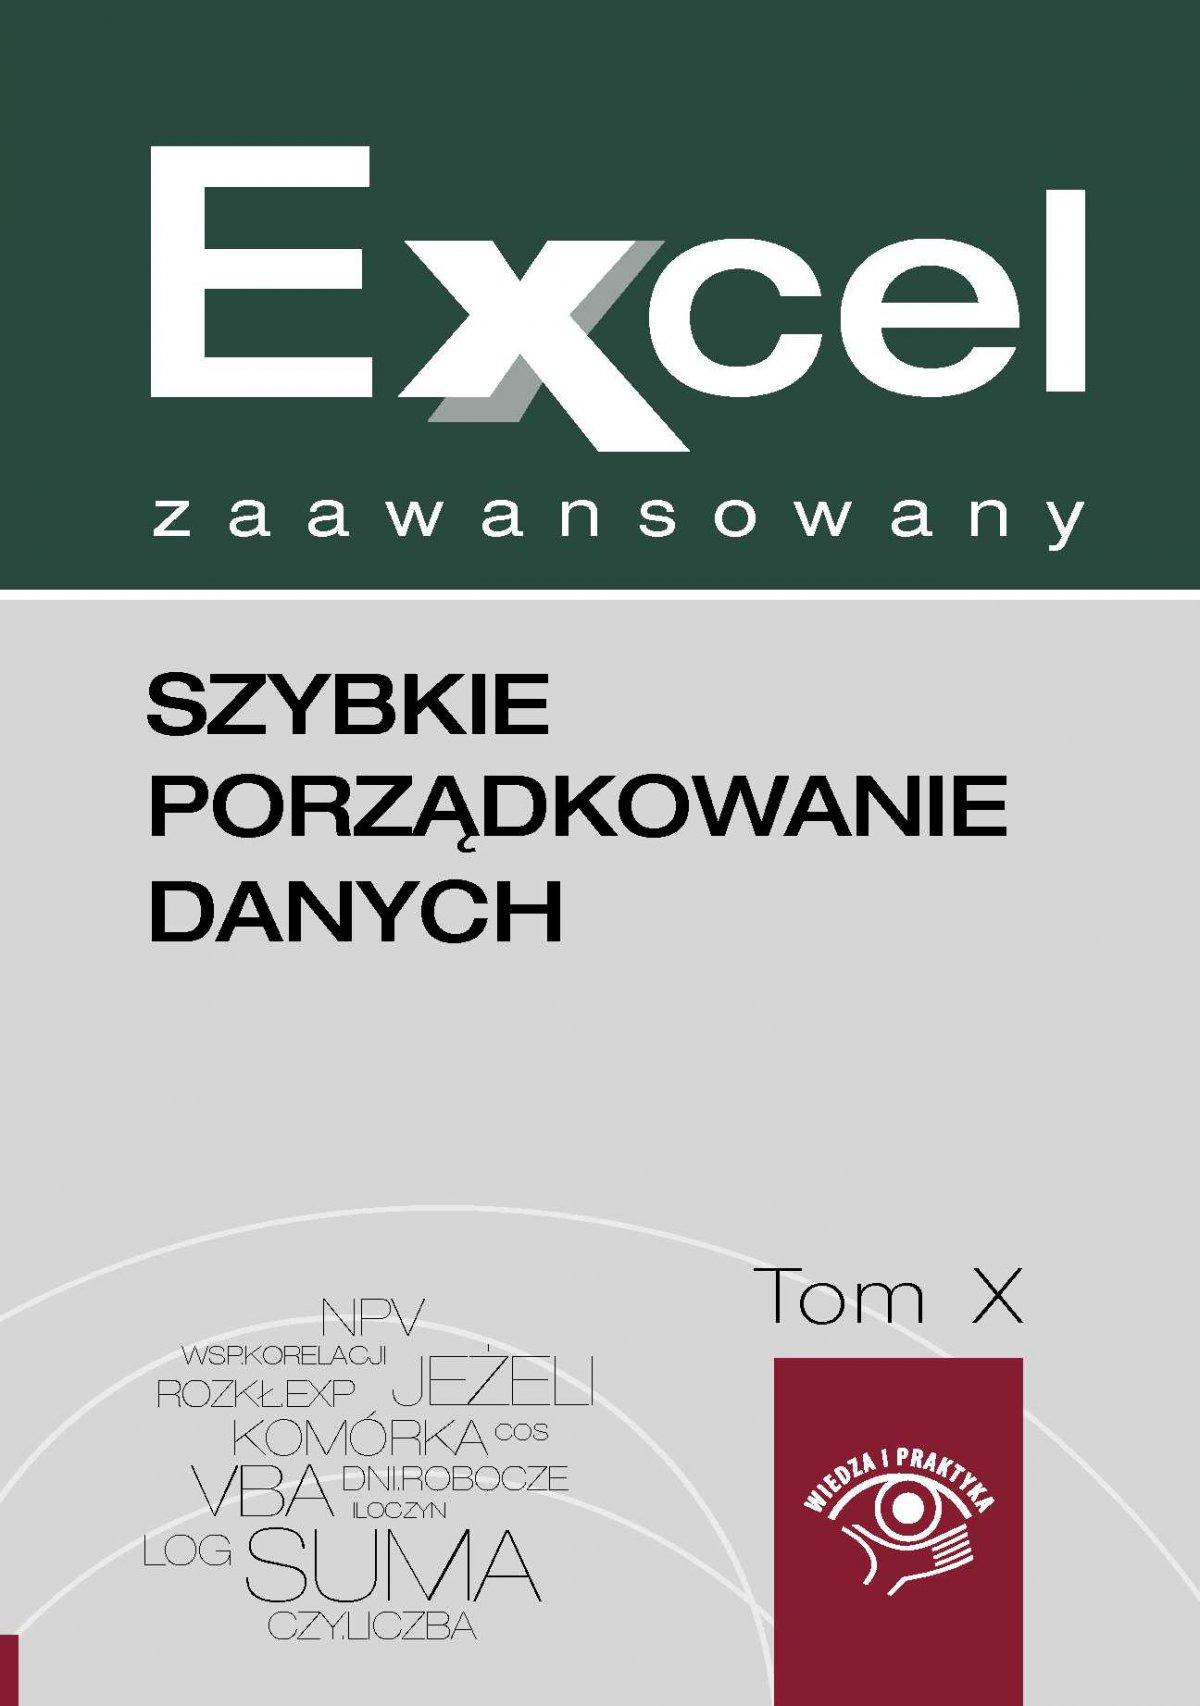 Szybkie porządkowanie danych w Excelu - Ebook (Książka EPUB) do pobrania w formacie EPUB